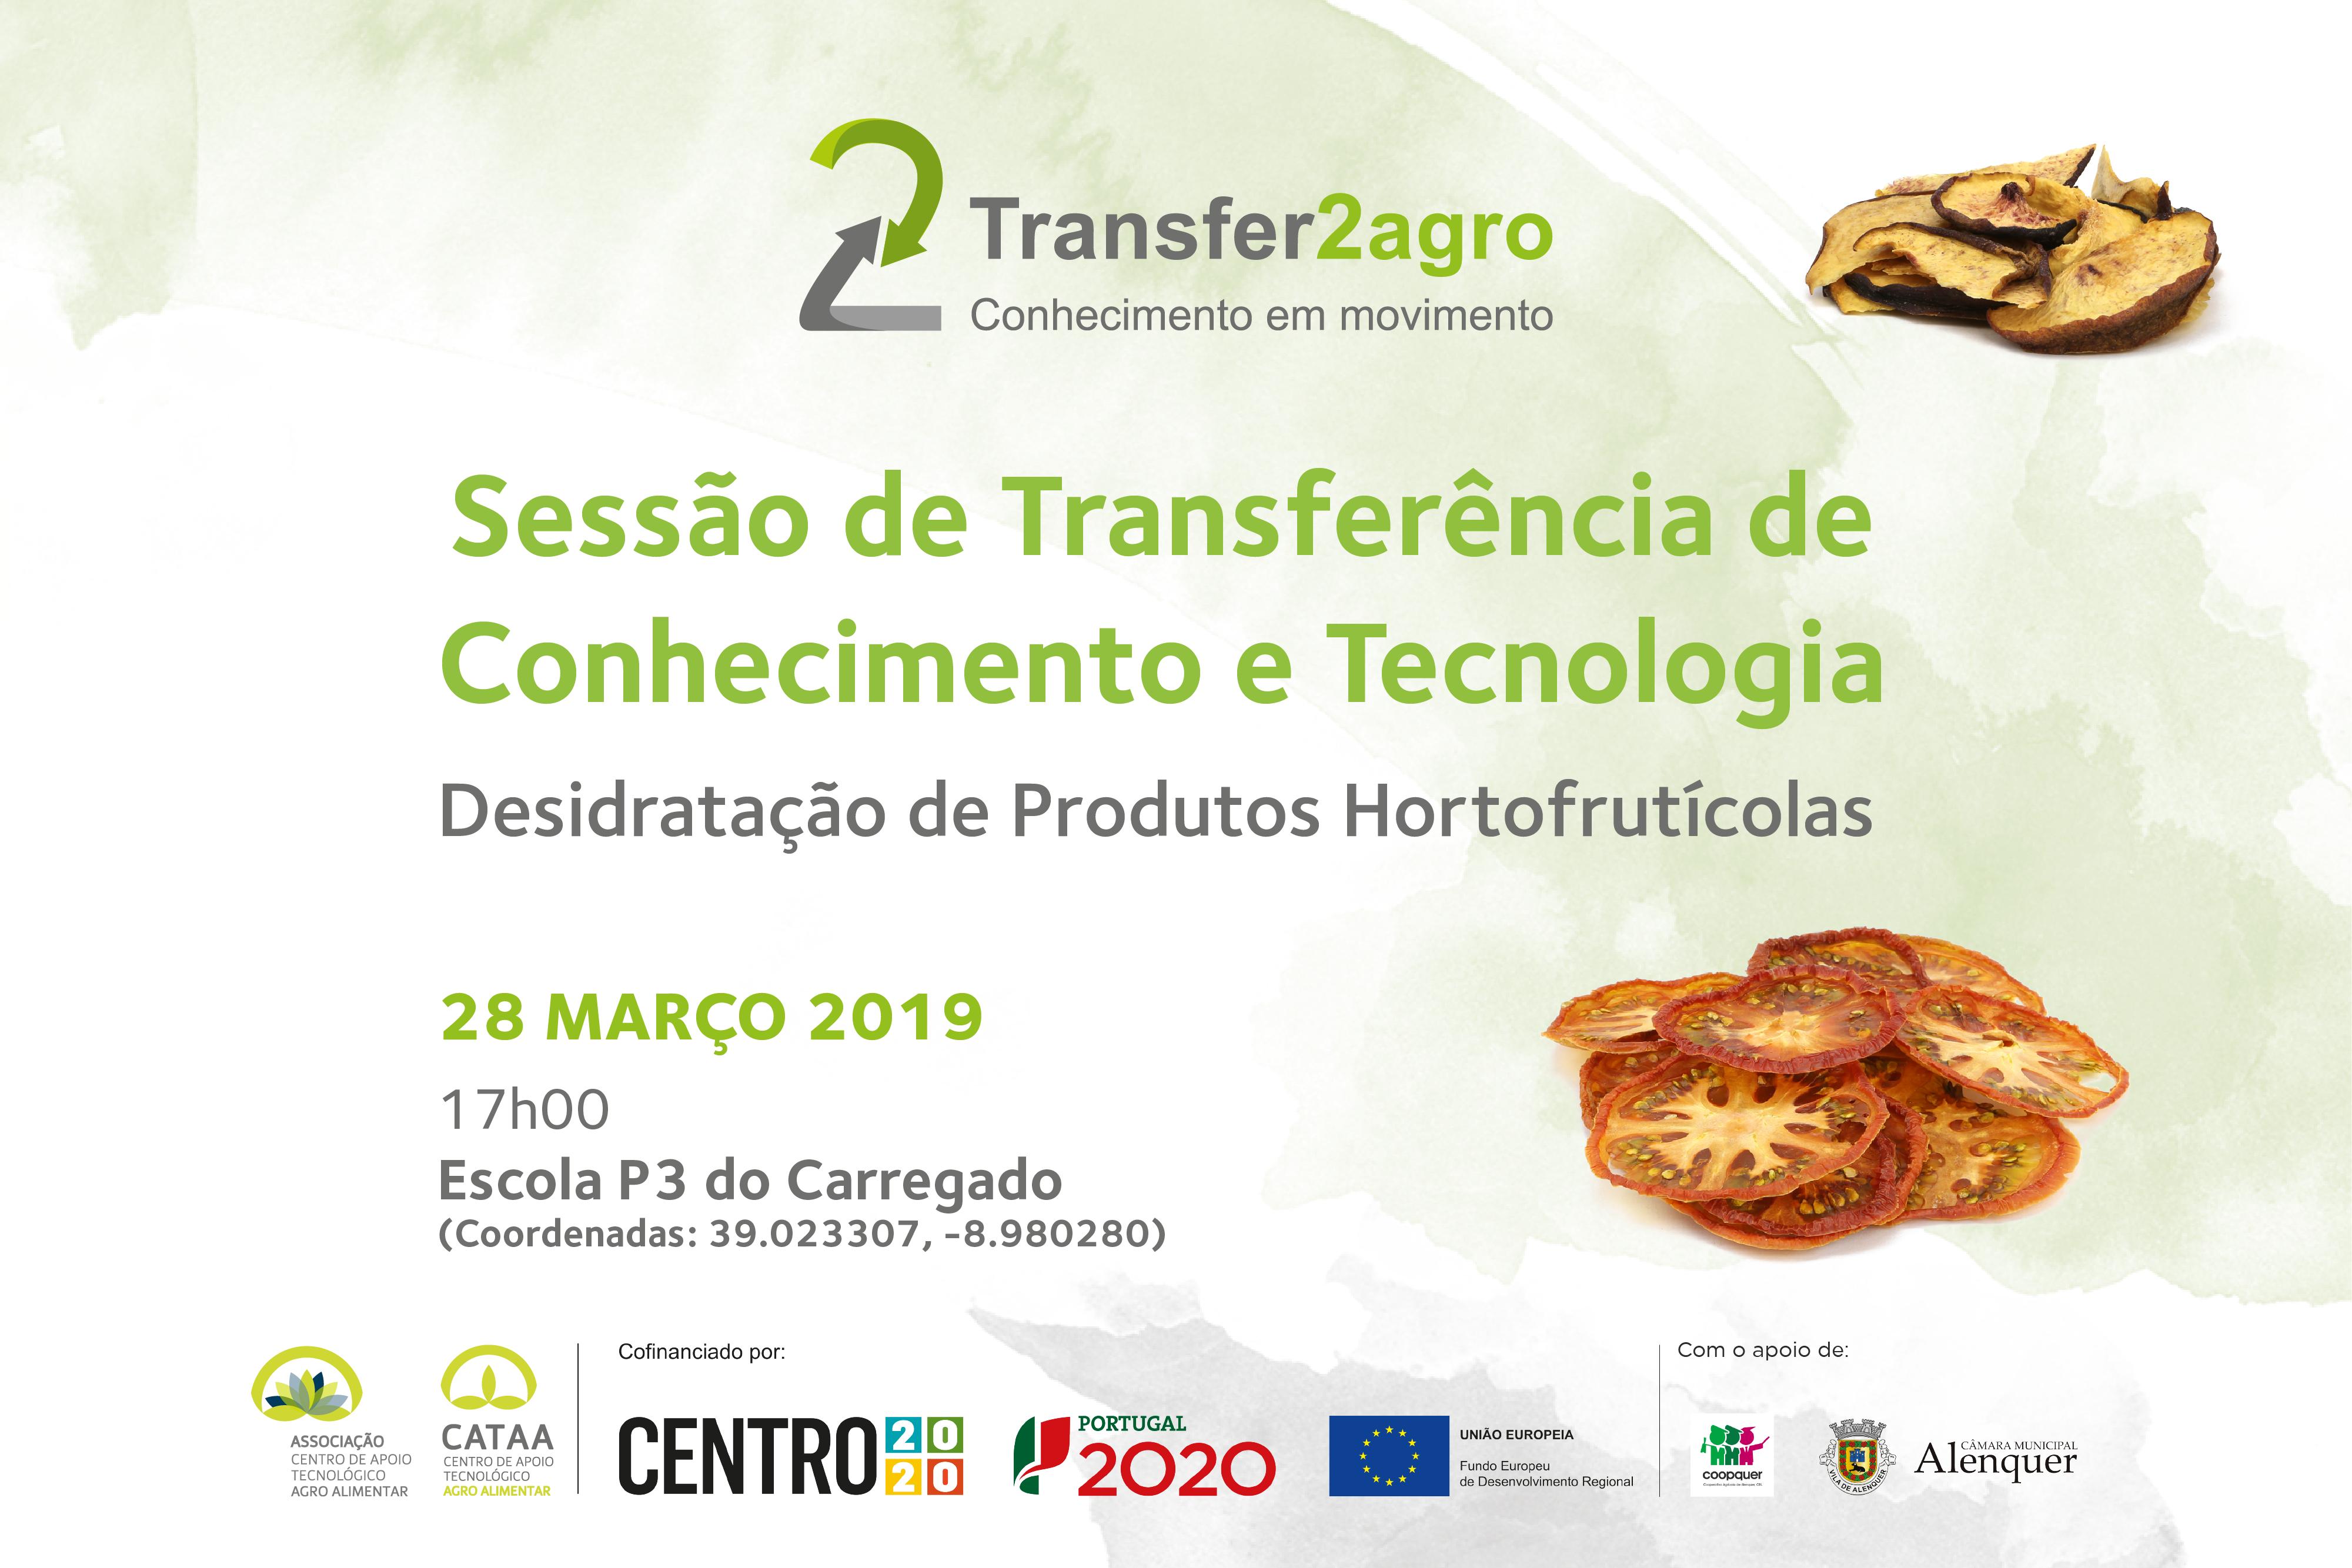 Sessão de Transferência de Conhecimento e Tecnologia   Alenquer   28 março 2019